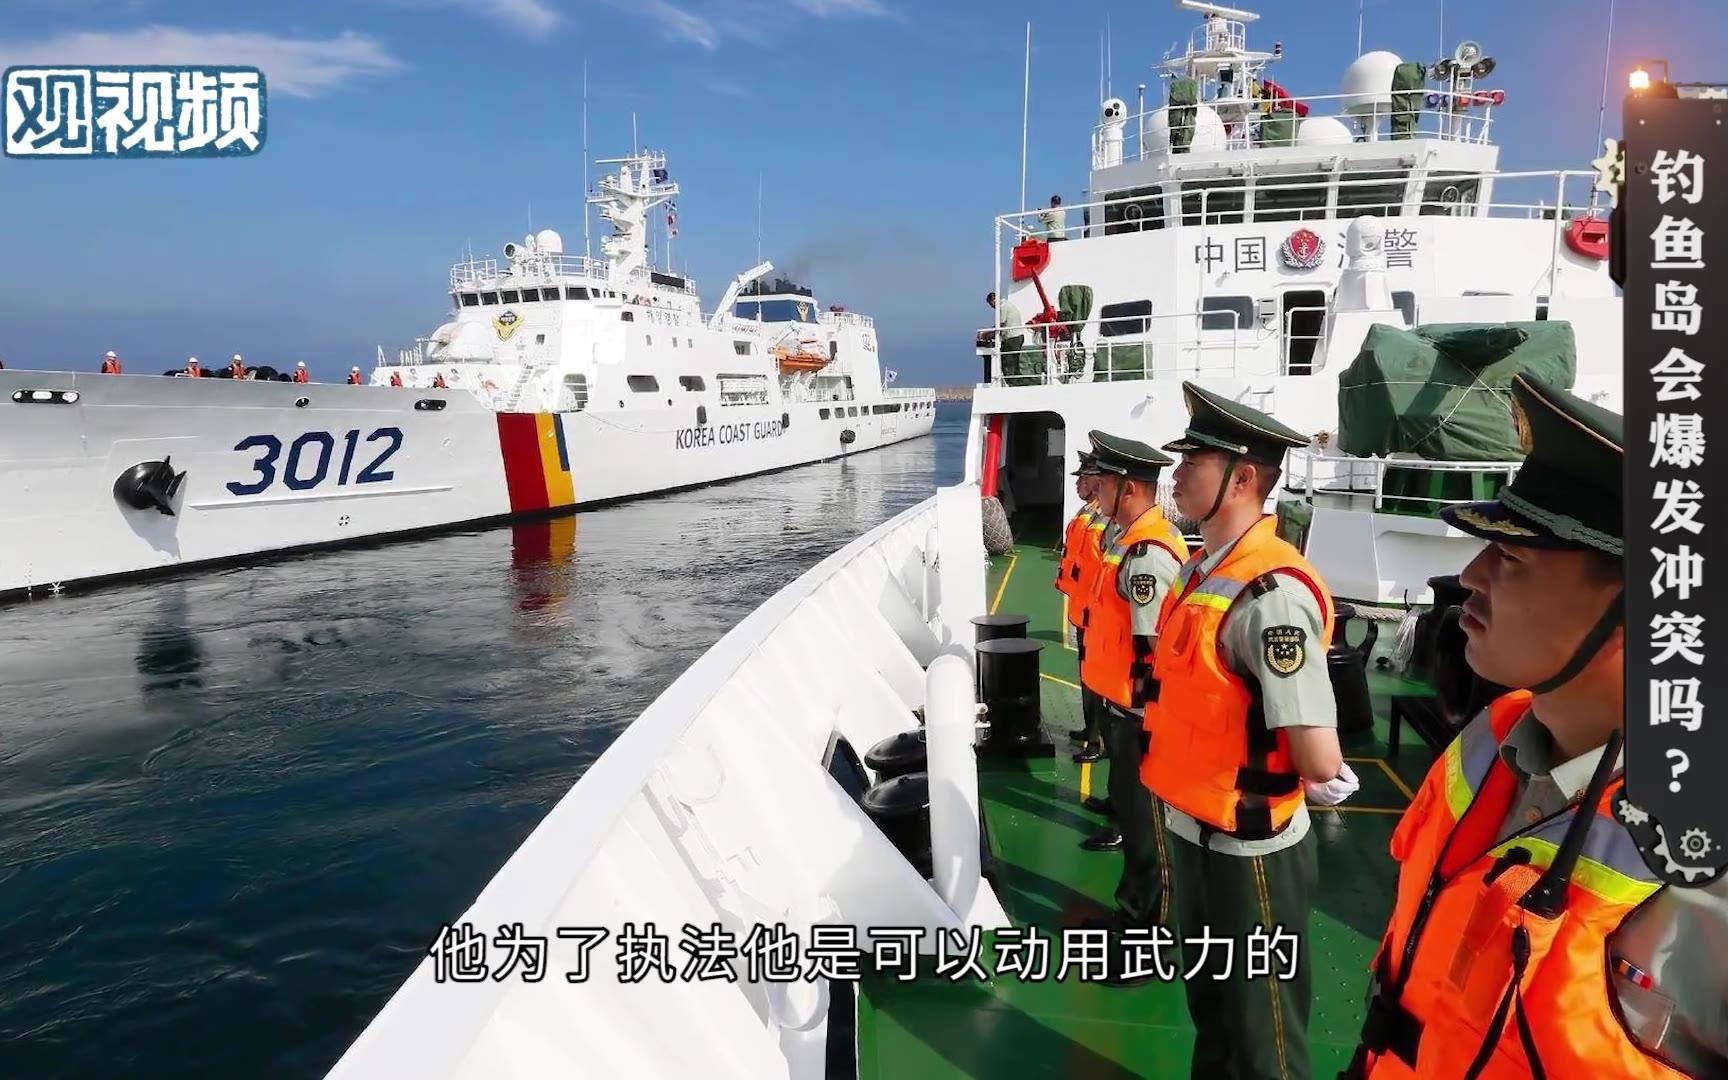 金灿荣:中国海警加强对钓鱼岛管控,日美竟敢威胁对中国开火?